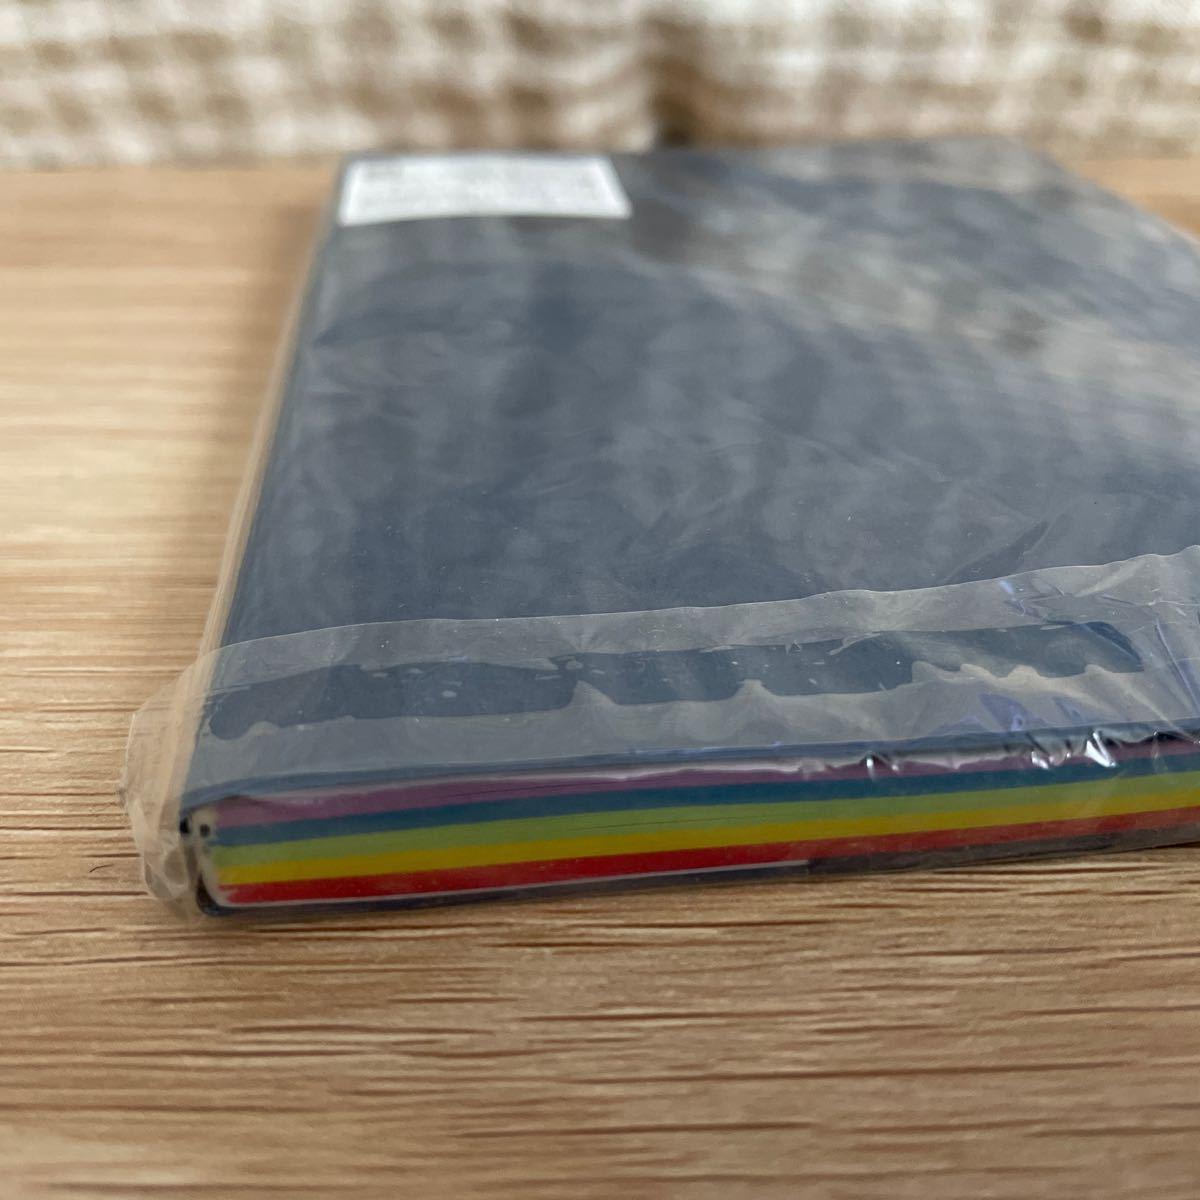 嵐のワクワク学校 手帳とボールペンのセット